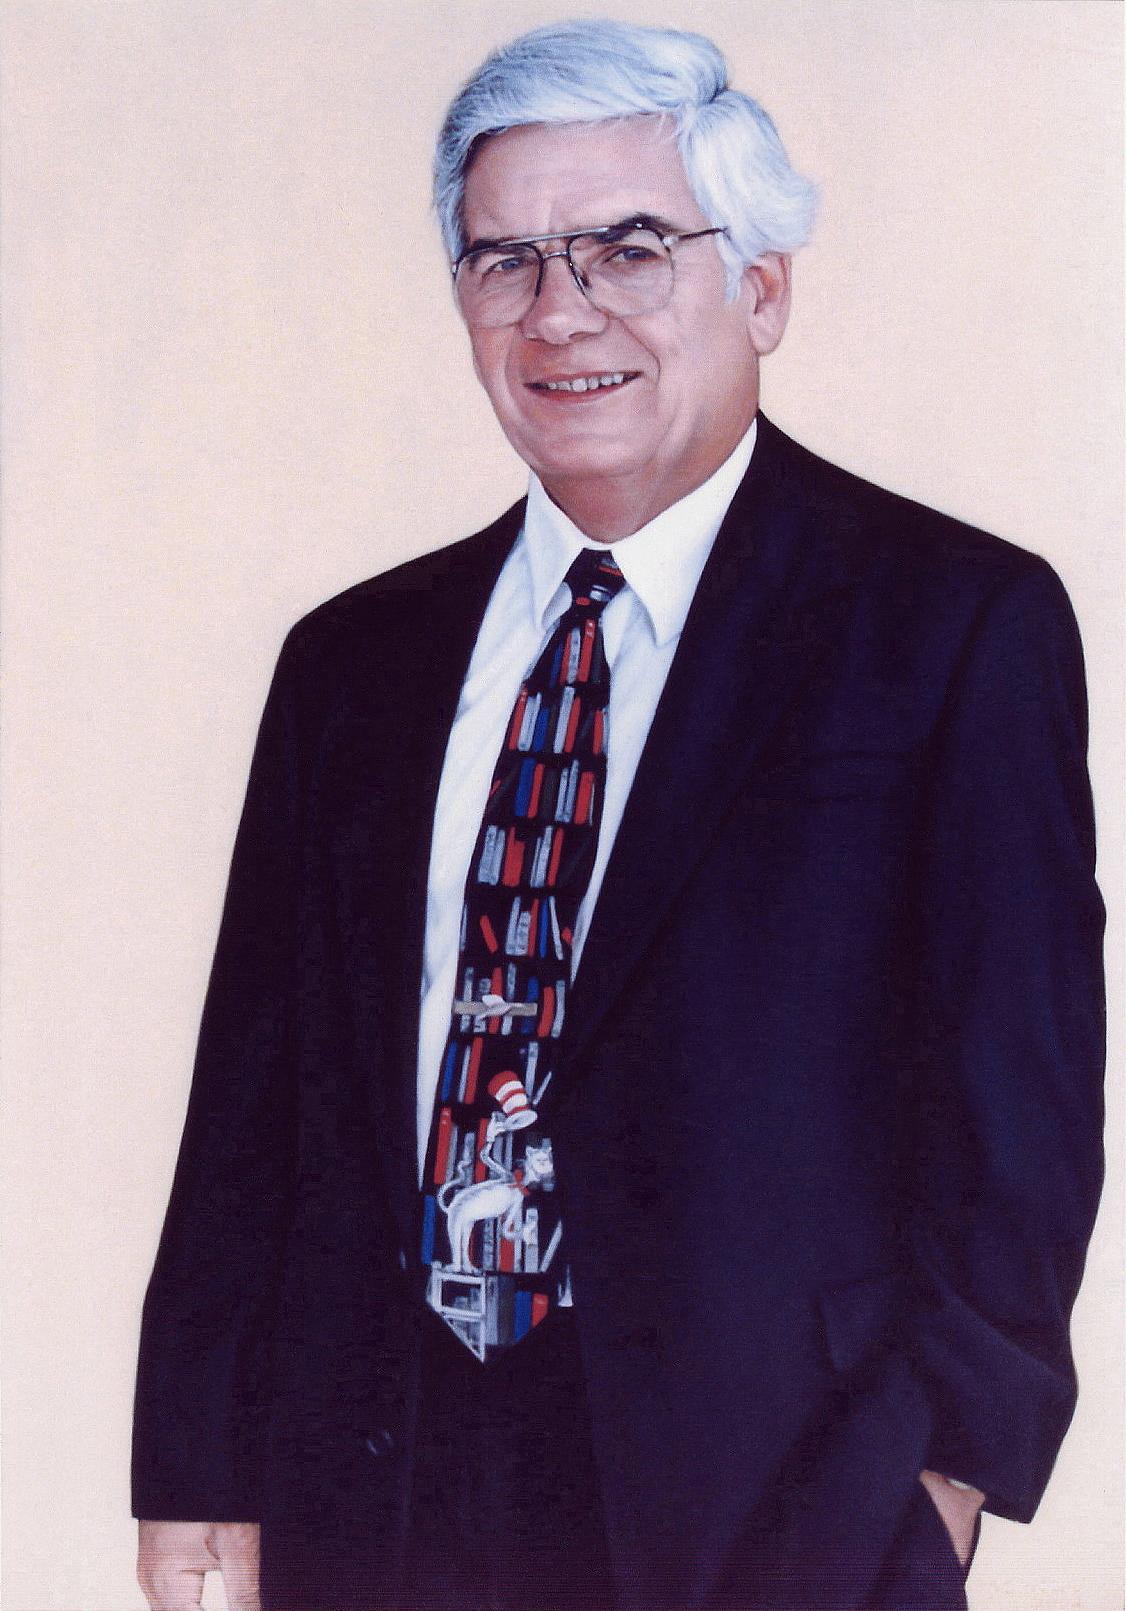 Stephen Cornelius Roberts